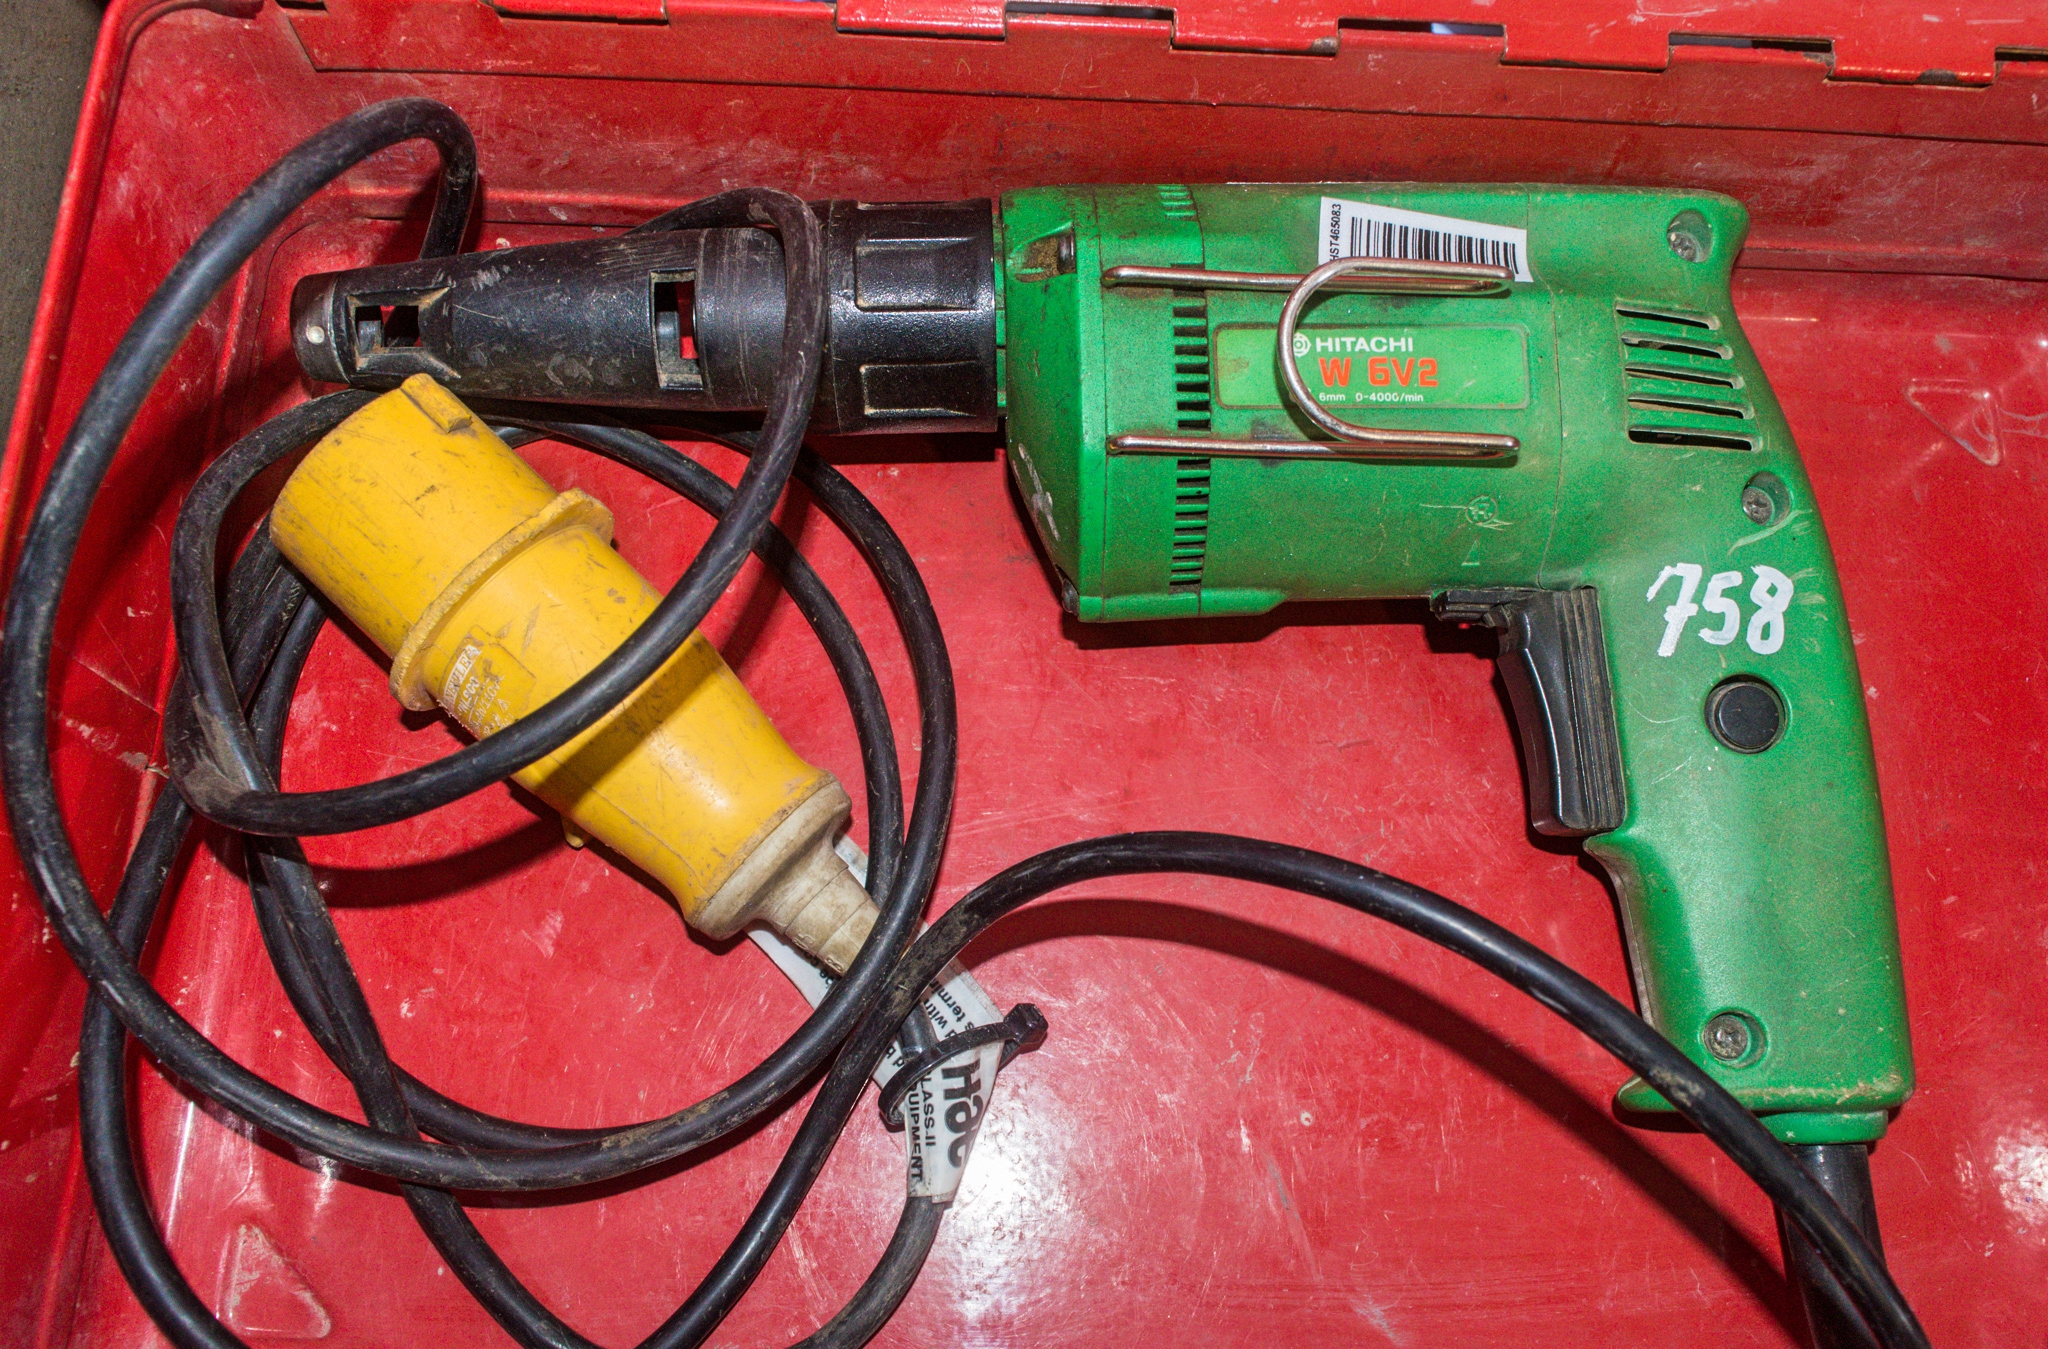 Lot 758 - Hitachi 110v screw gun c/w carry case